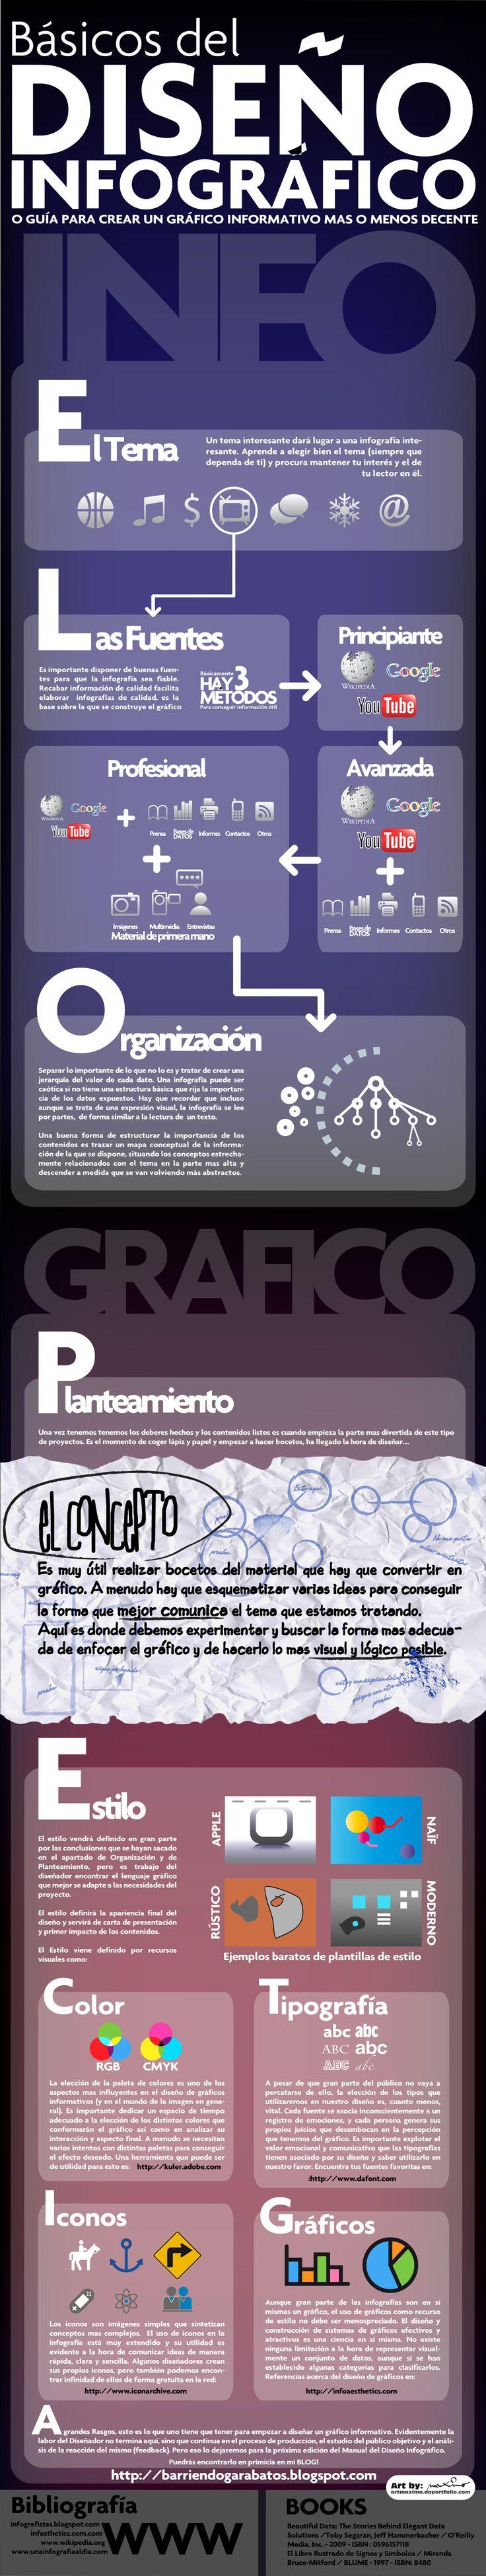 Guía para crear una infografia #infografia